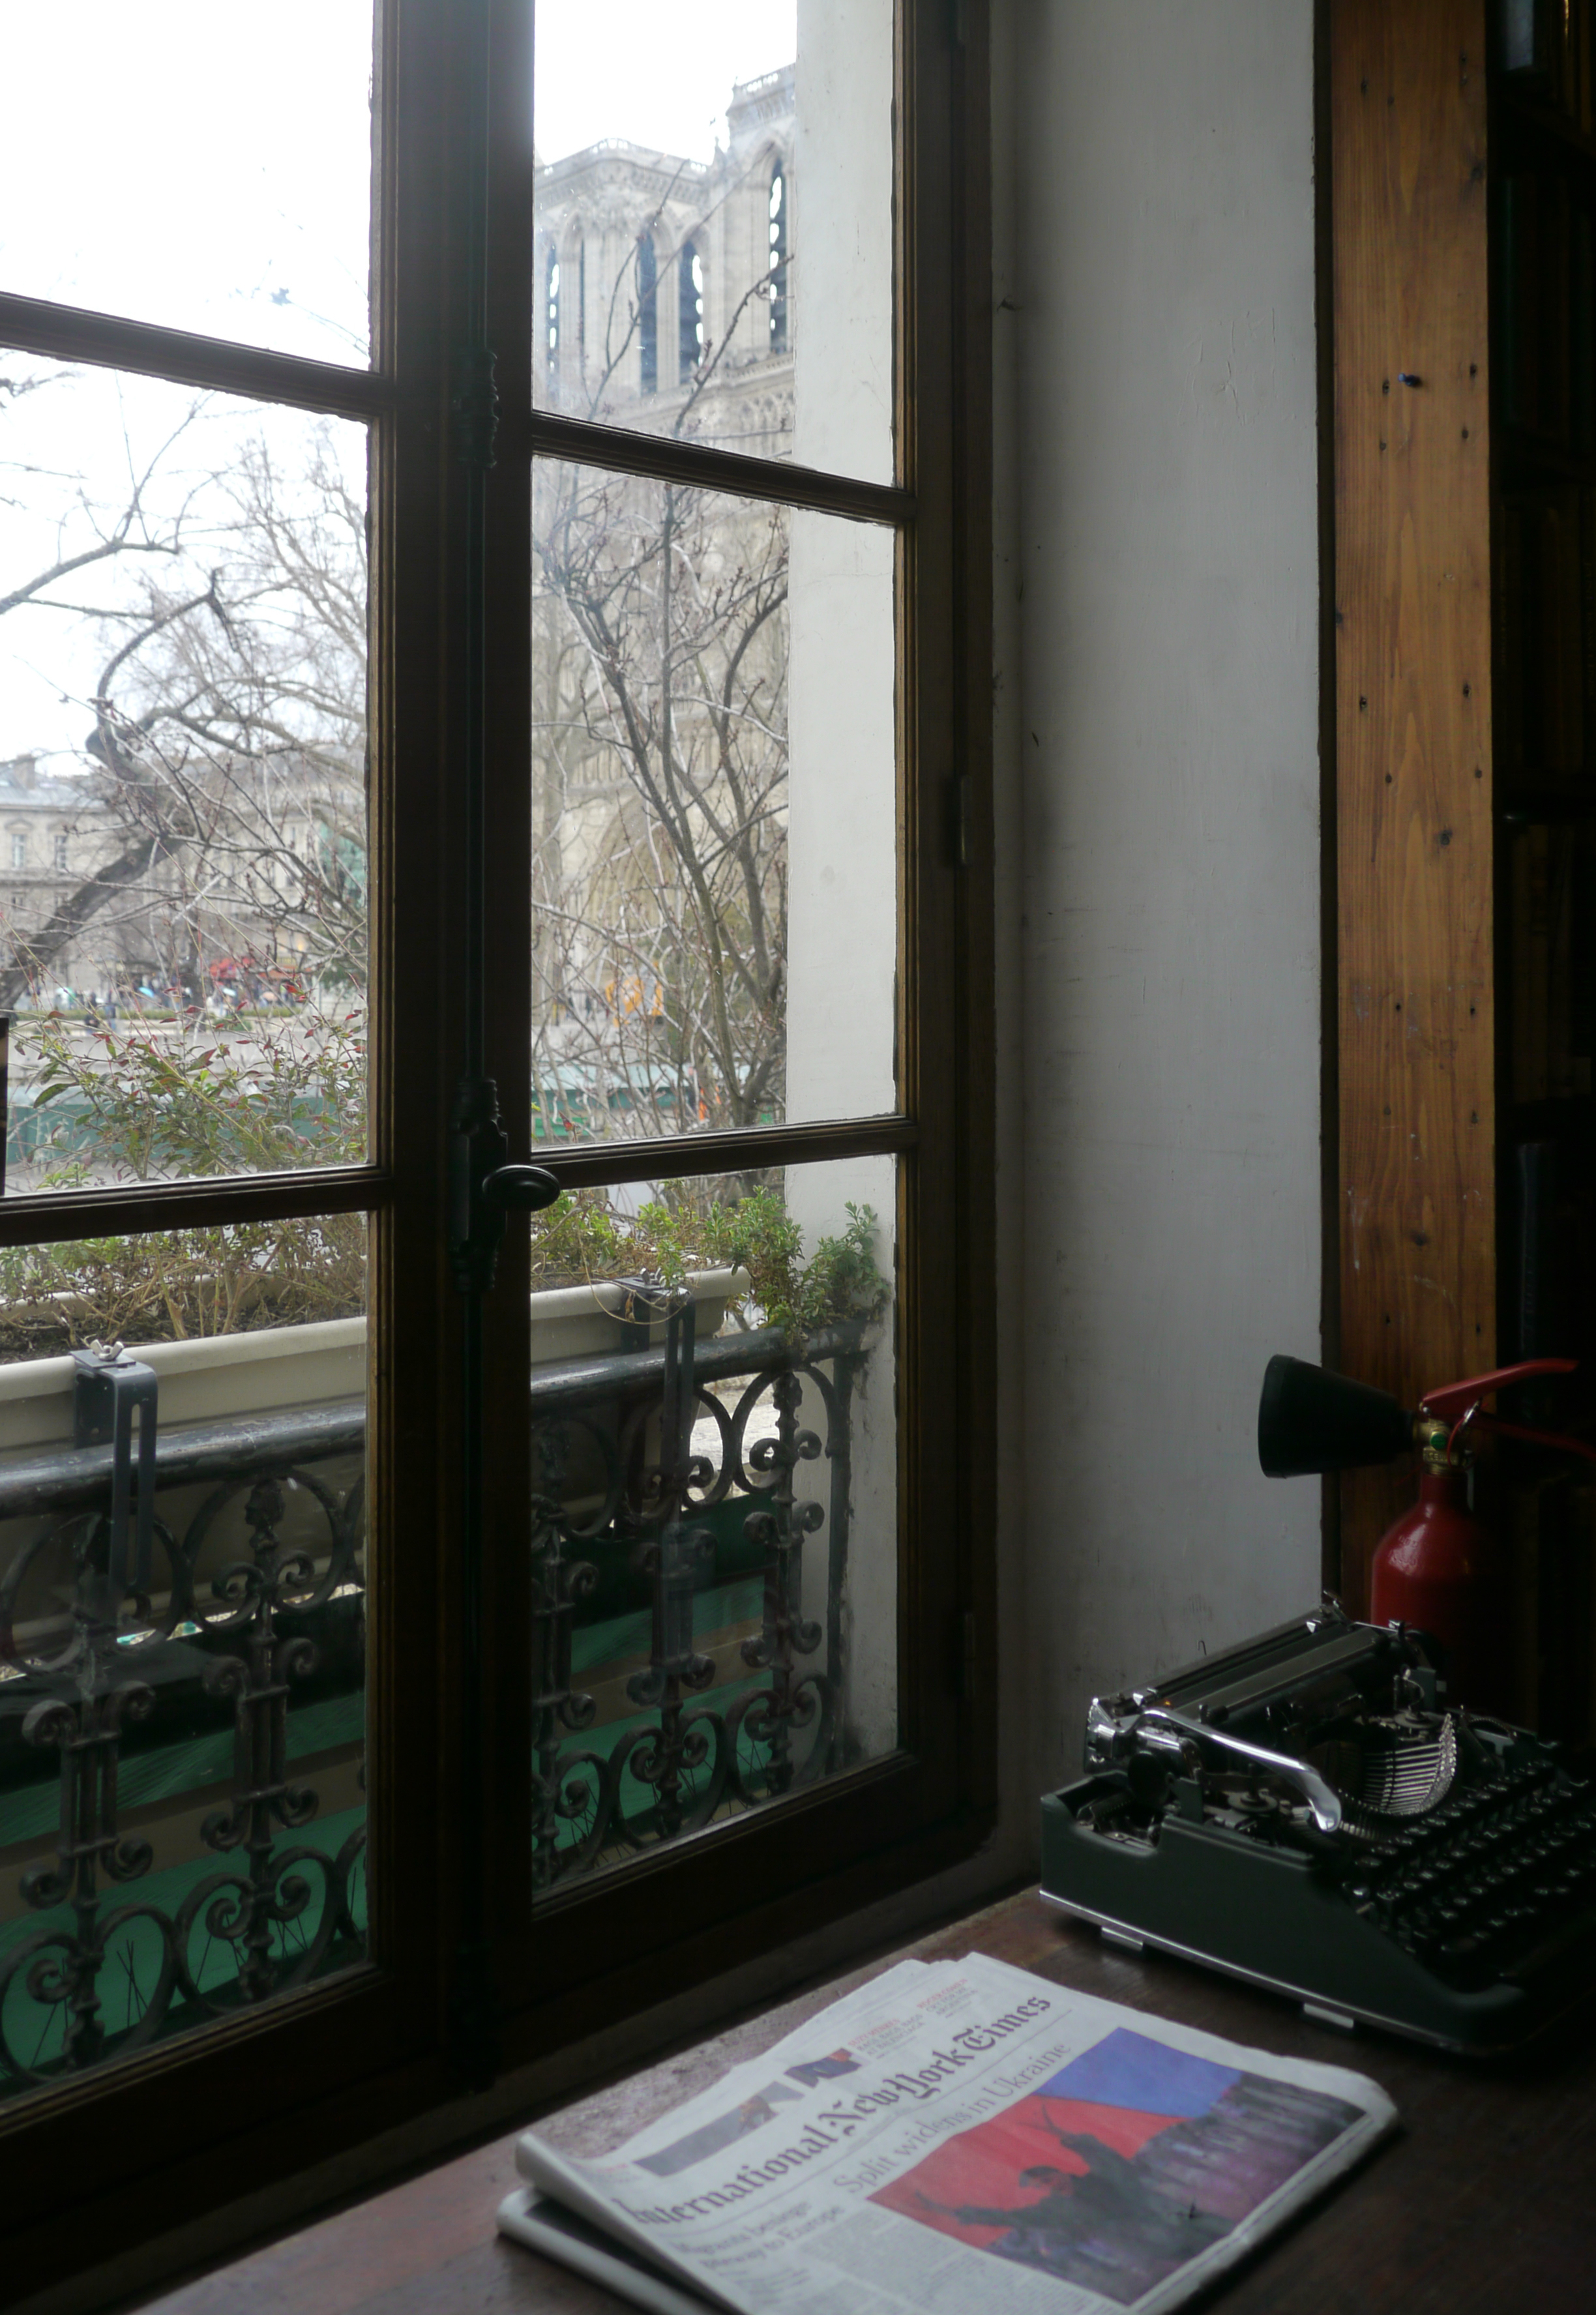 Paris 10 Schakespearbokhandeln 2 skrivmaskin